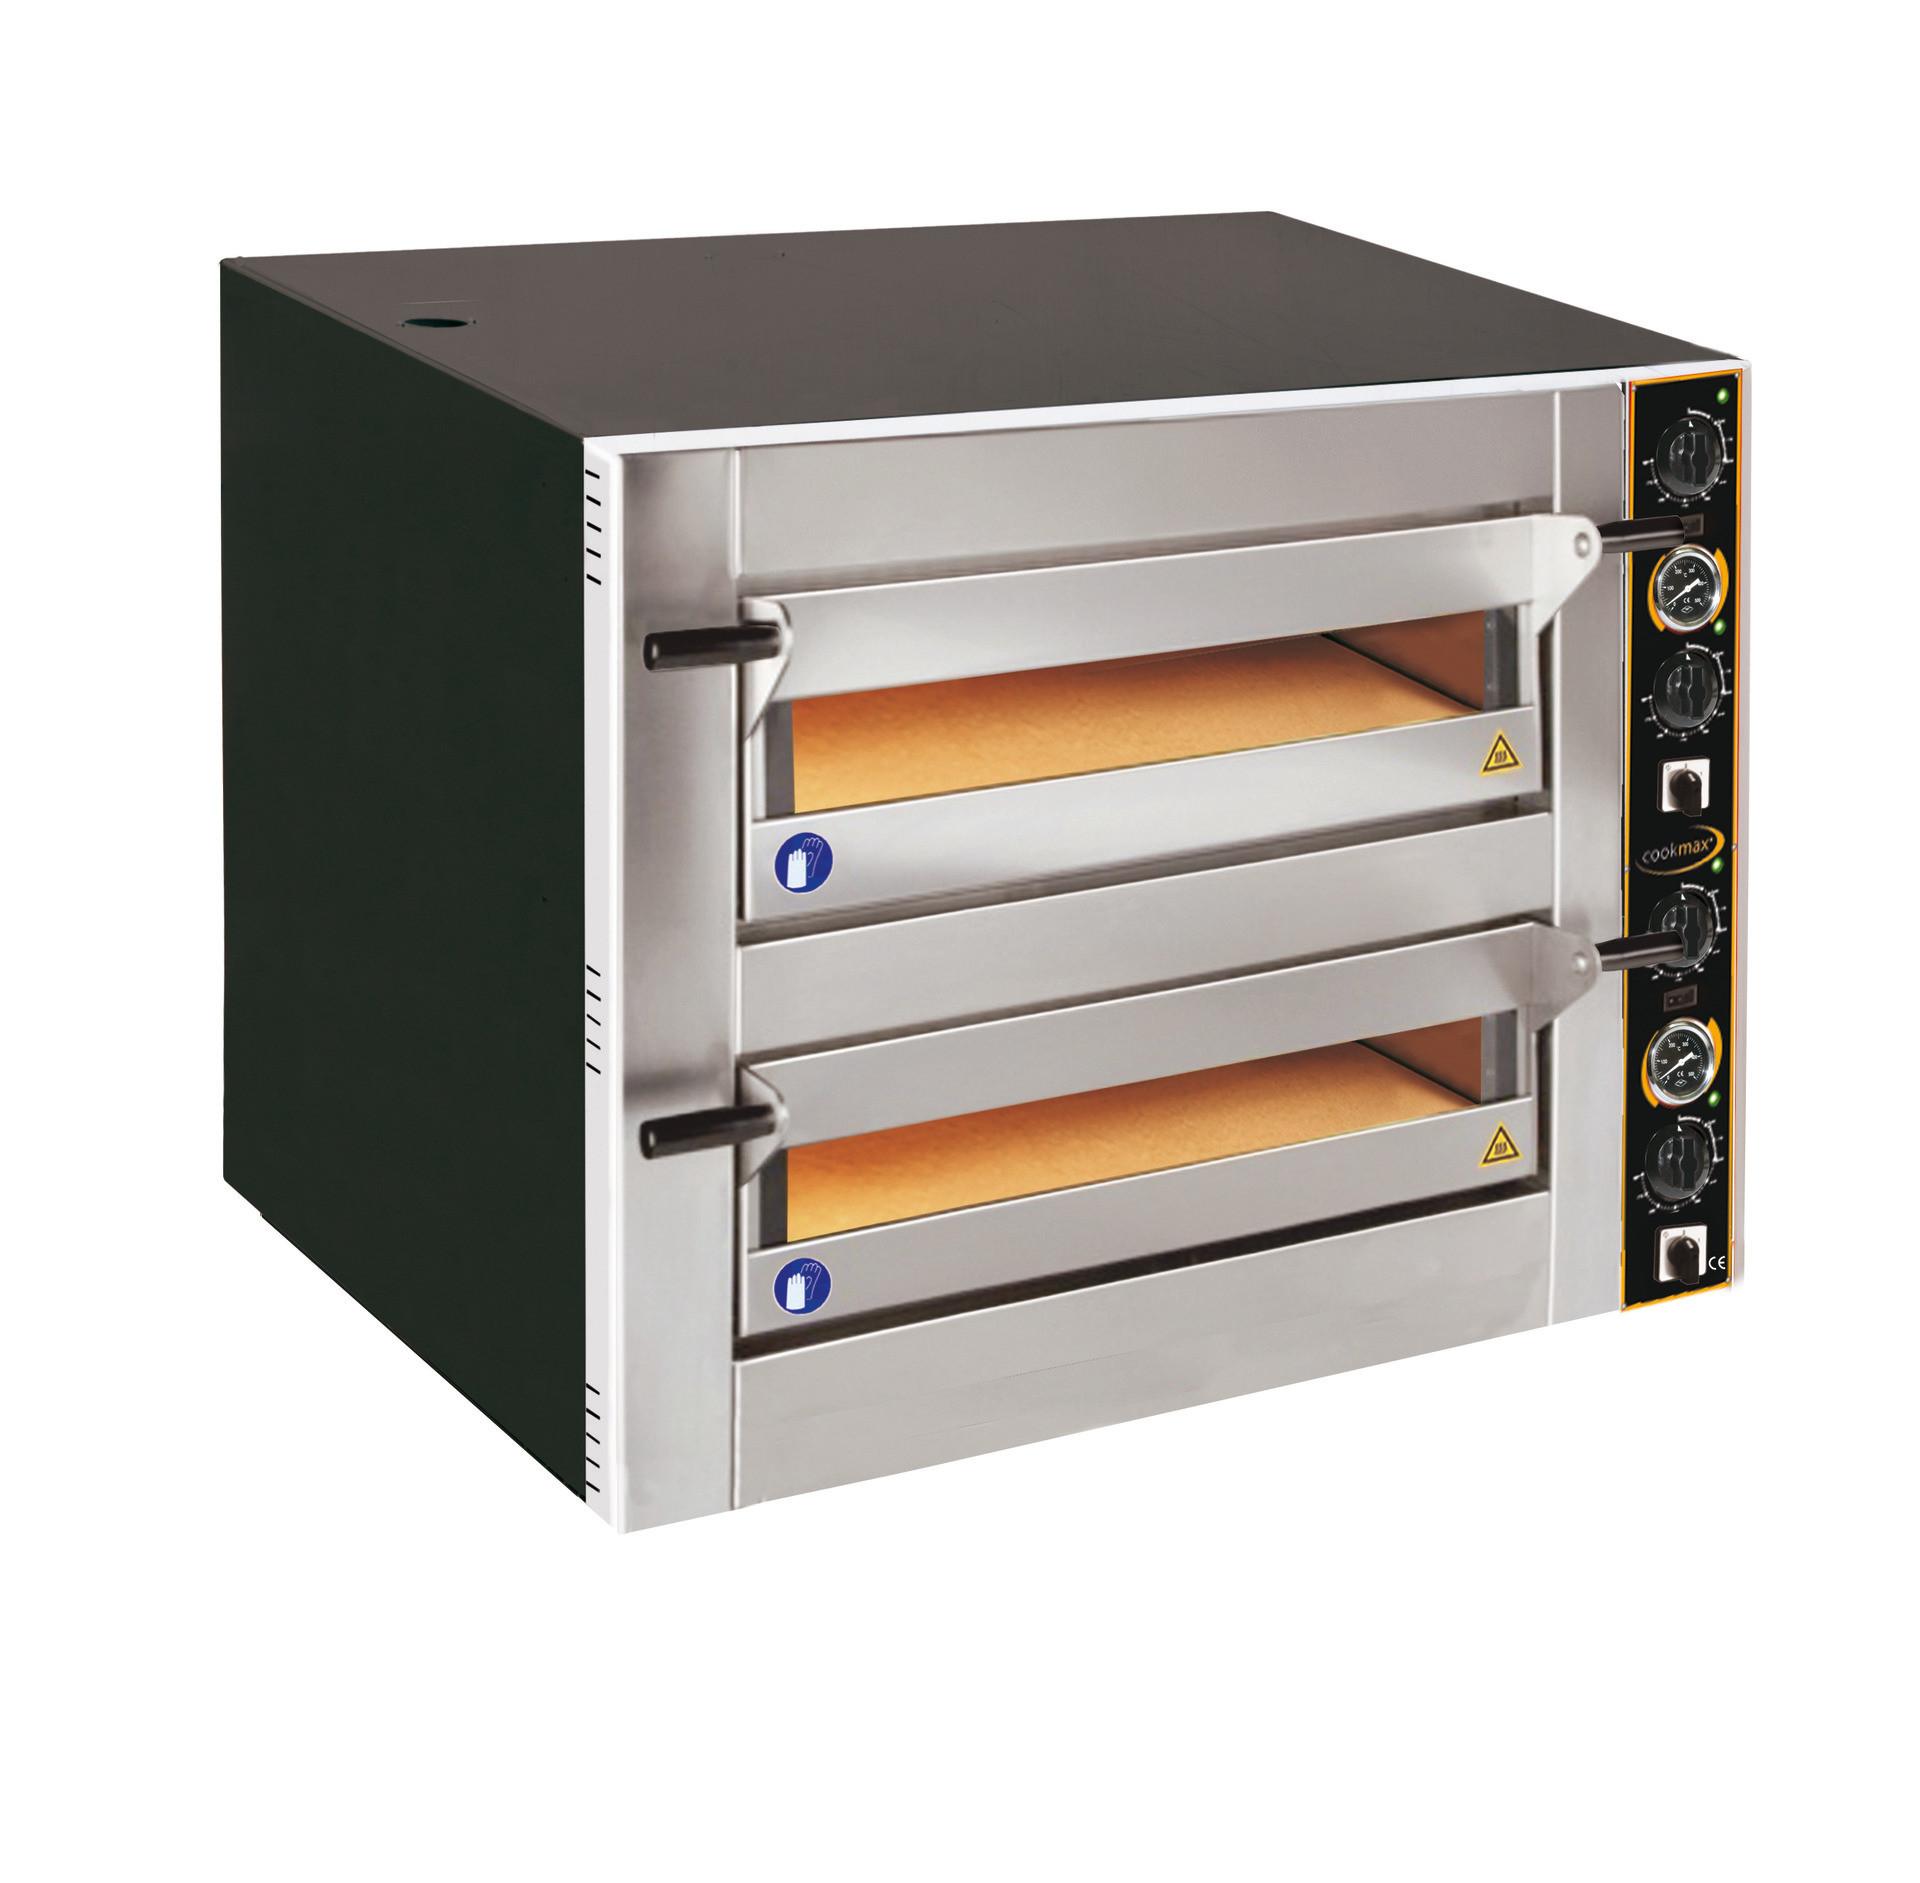 Pizzaofen, 2 Backkammern für 12 Pizzen ø 300 mm, inkl. Sicherheitsschütze